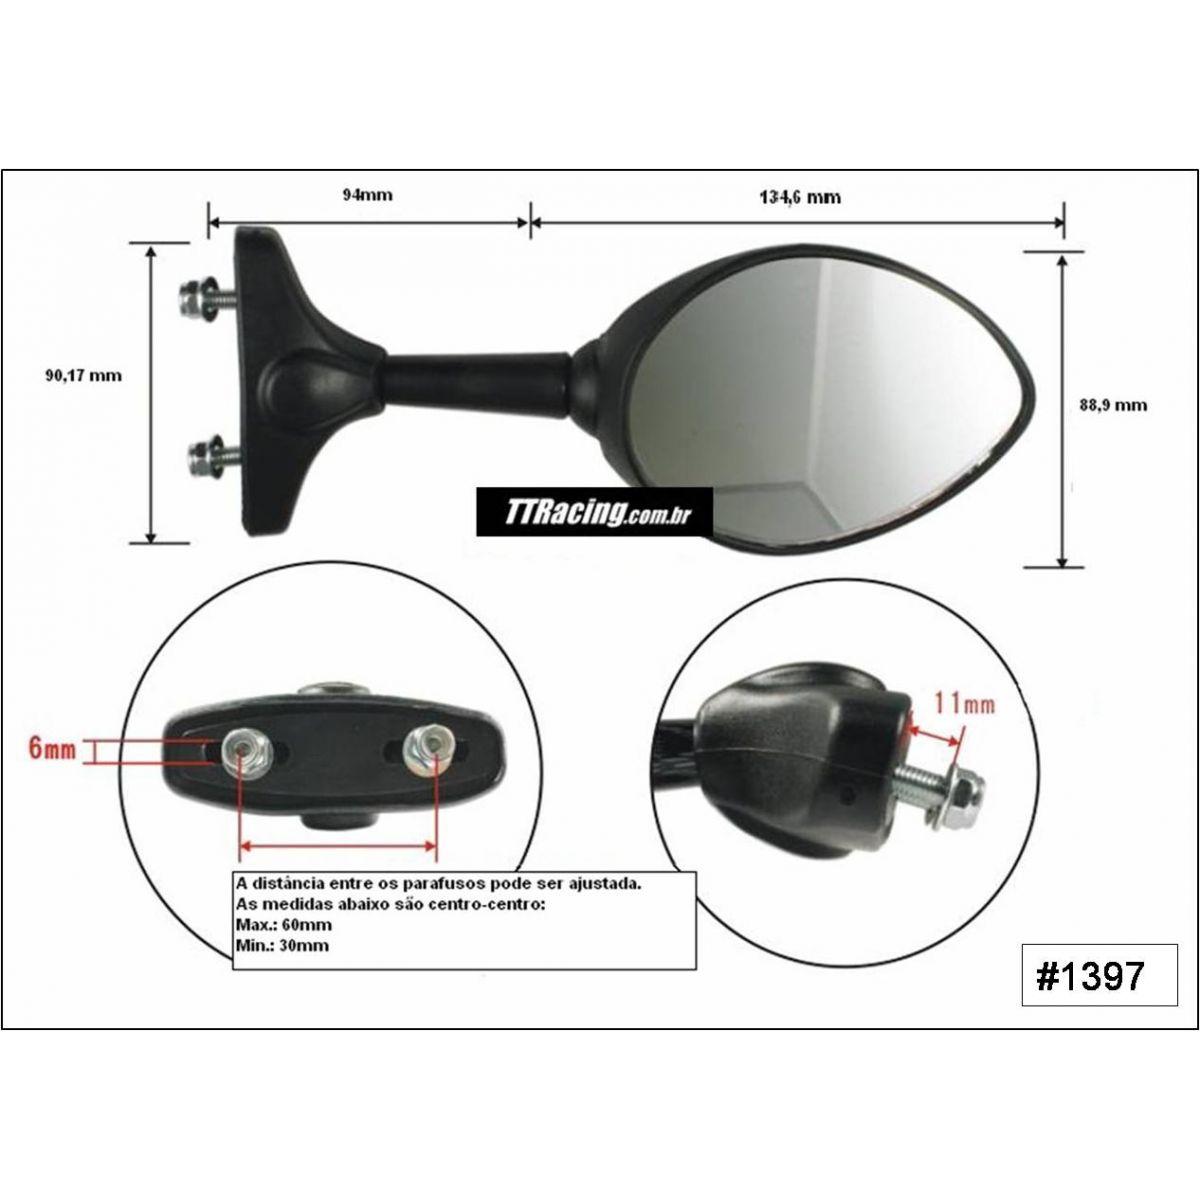 Espelho retrovisor CBR600F 1991 até 2006  - T & T Soluções